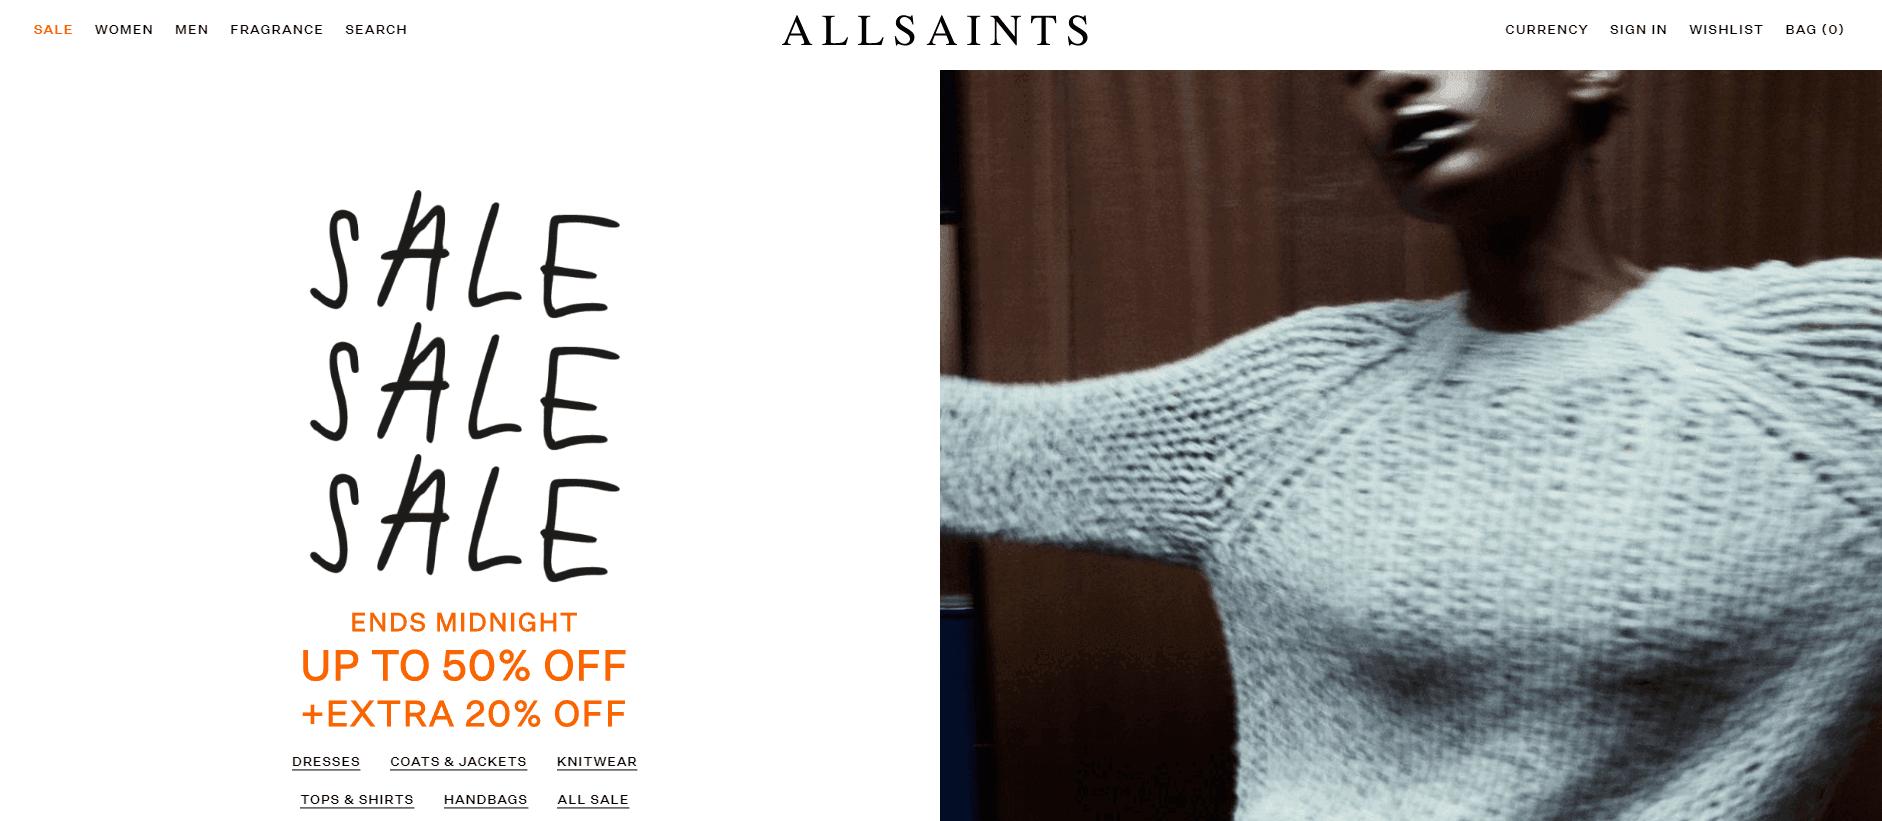 Аллсаінтс (Allsaints) купити онлайн з доставкою в Україну - myMeest - 2